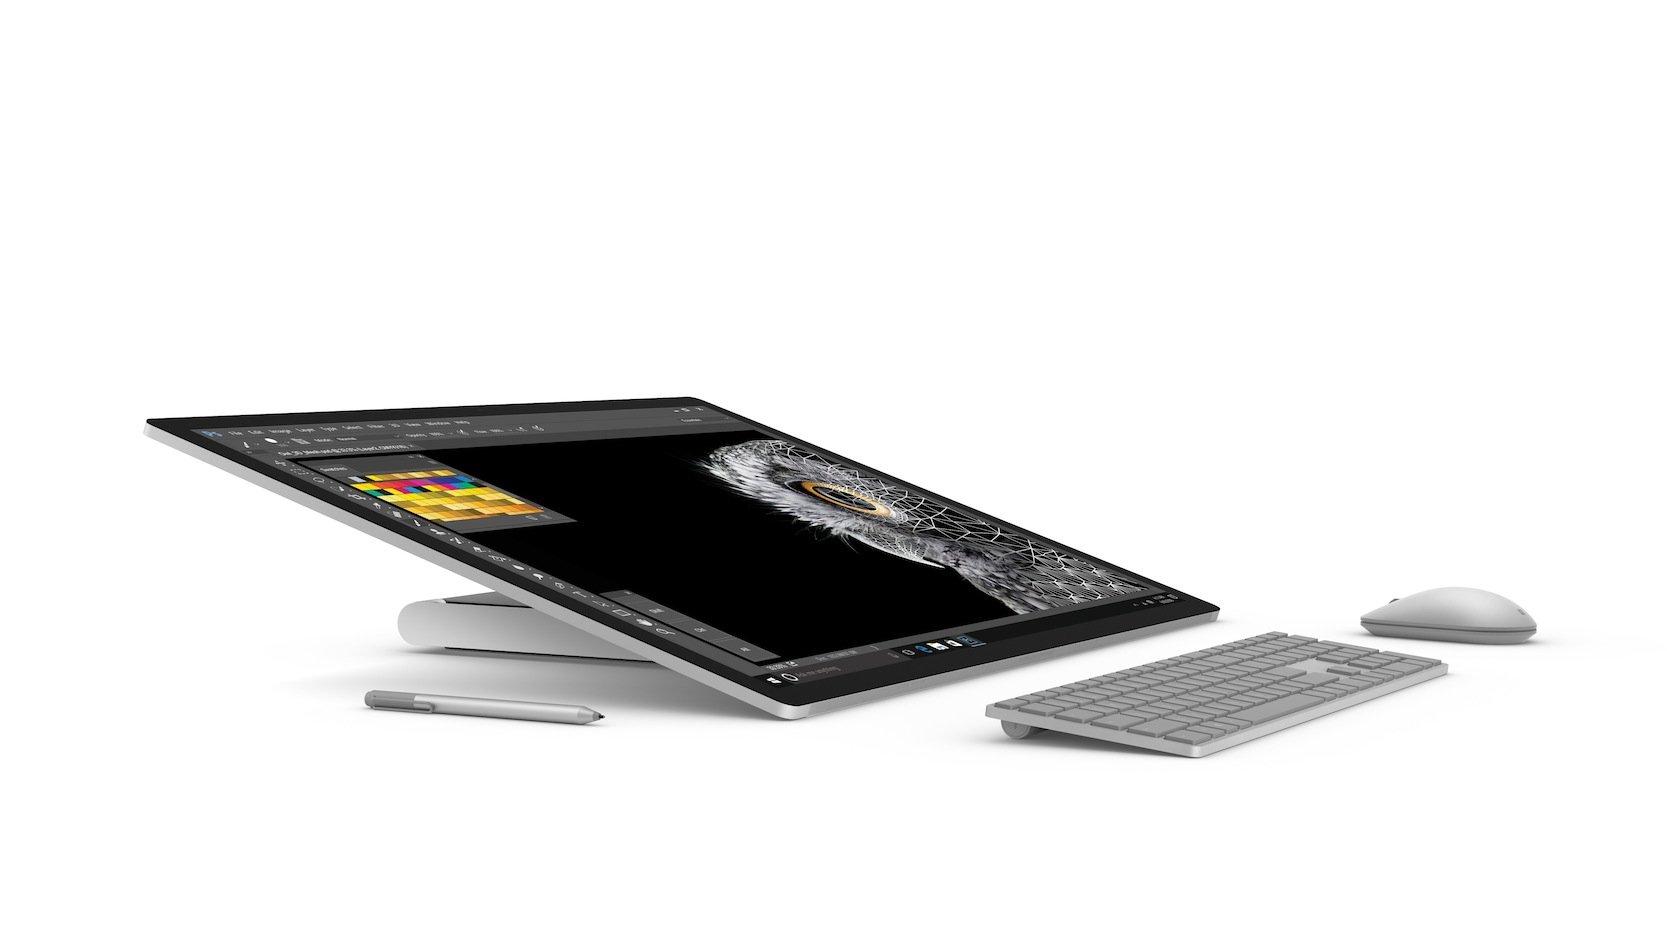 Der Computer kann auch wie ein Tablet auf den Tisch gelegt werden, um besser mit den Fingern oder dem Zeichenstift arbeiten zu können.